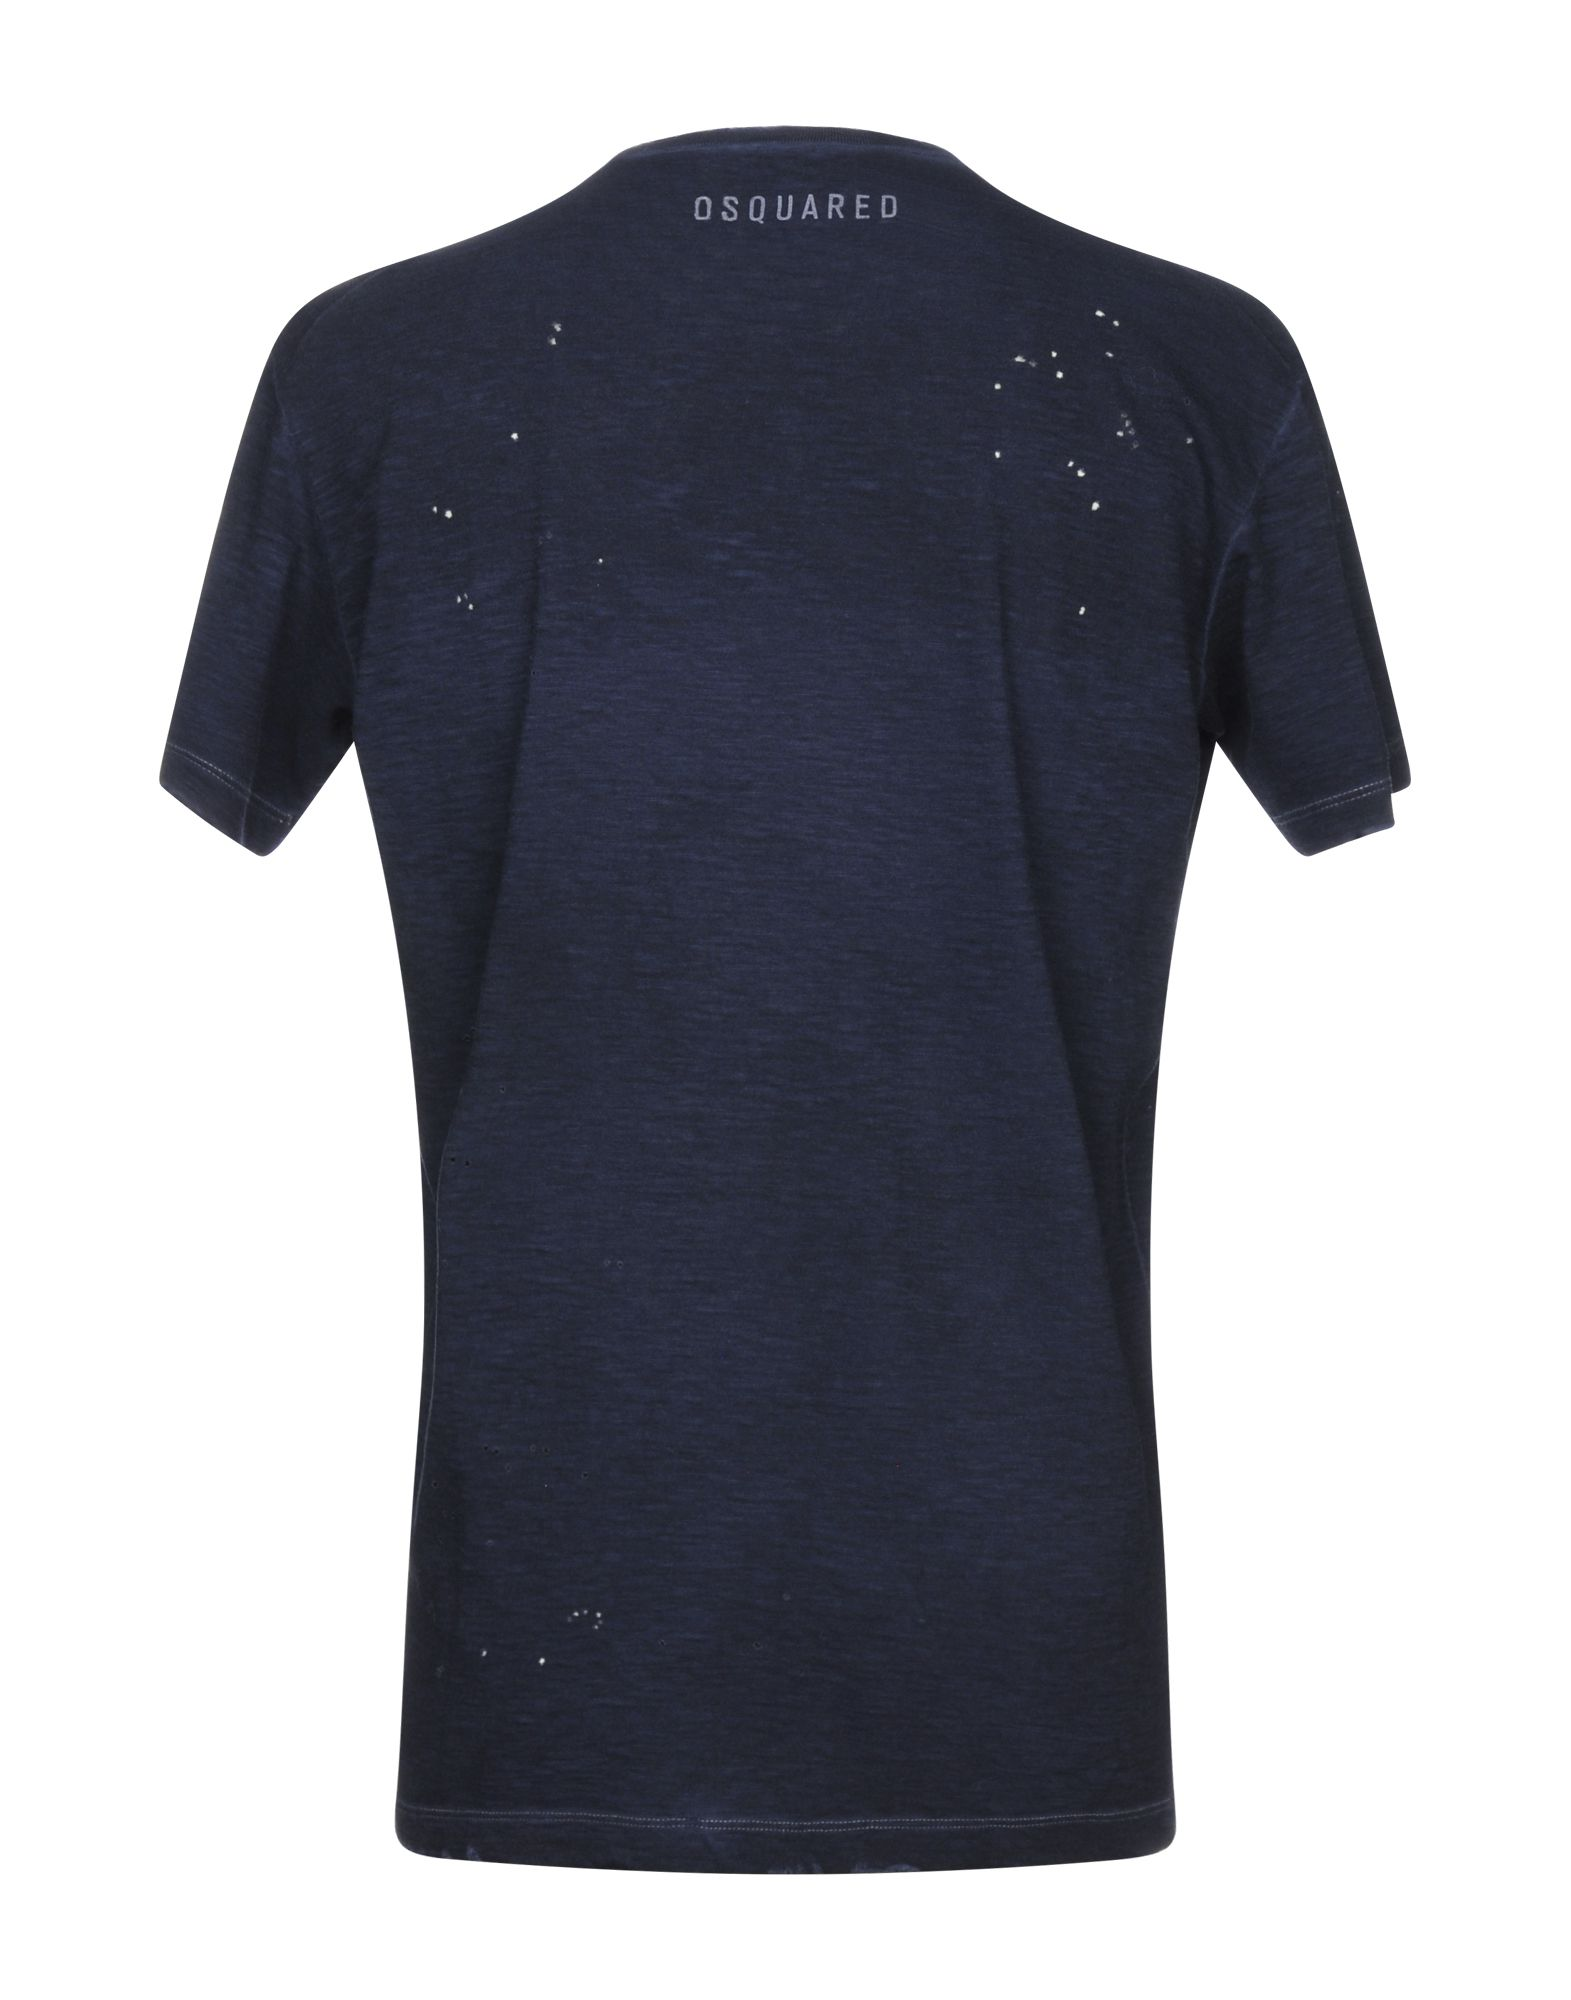 A buon mercato T-Shirt Dsquarosso2 Uomo - 12175277GK 12175277GK - c9a387